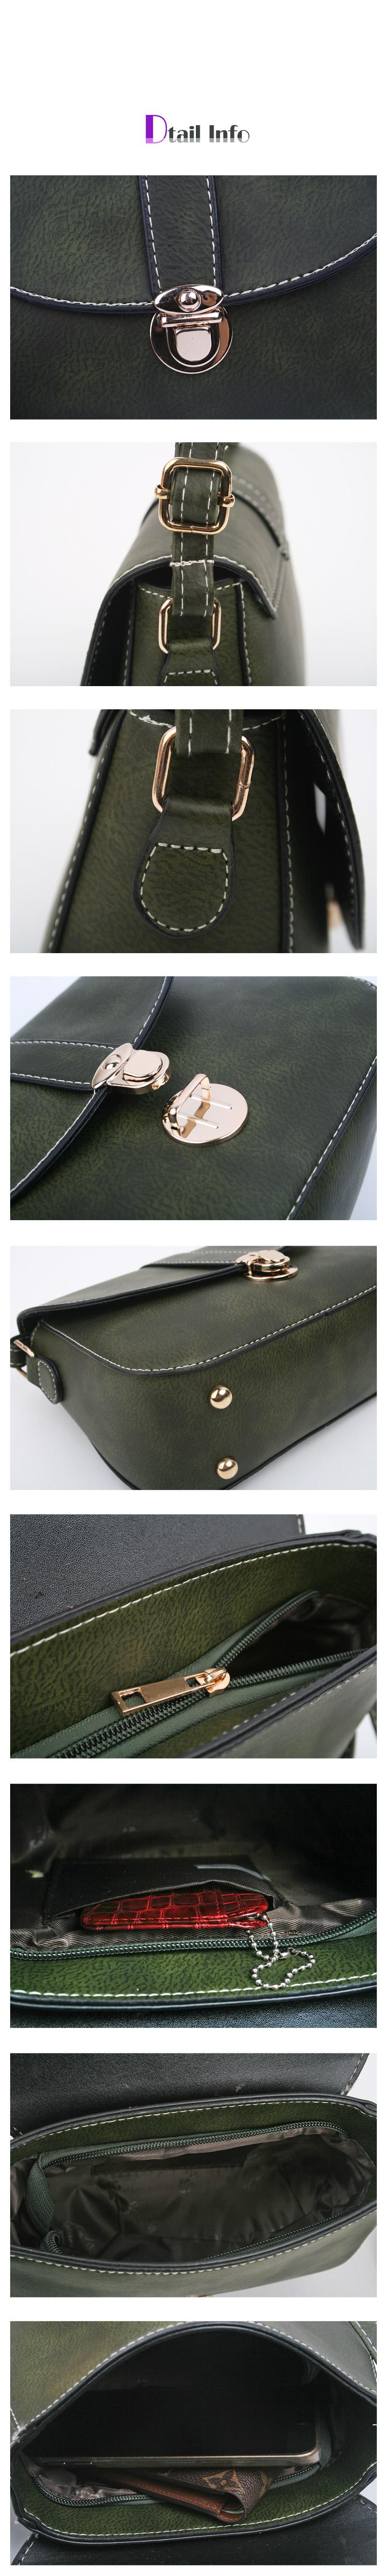 미니백,handbag